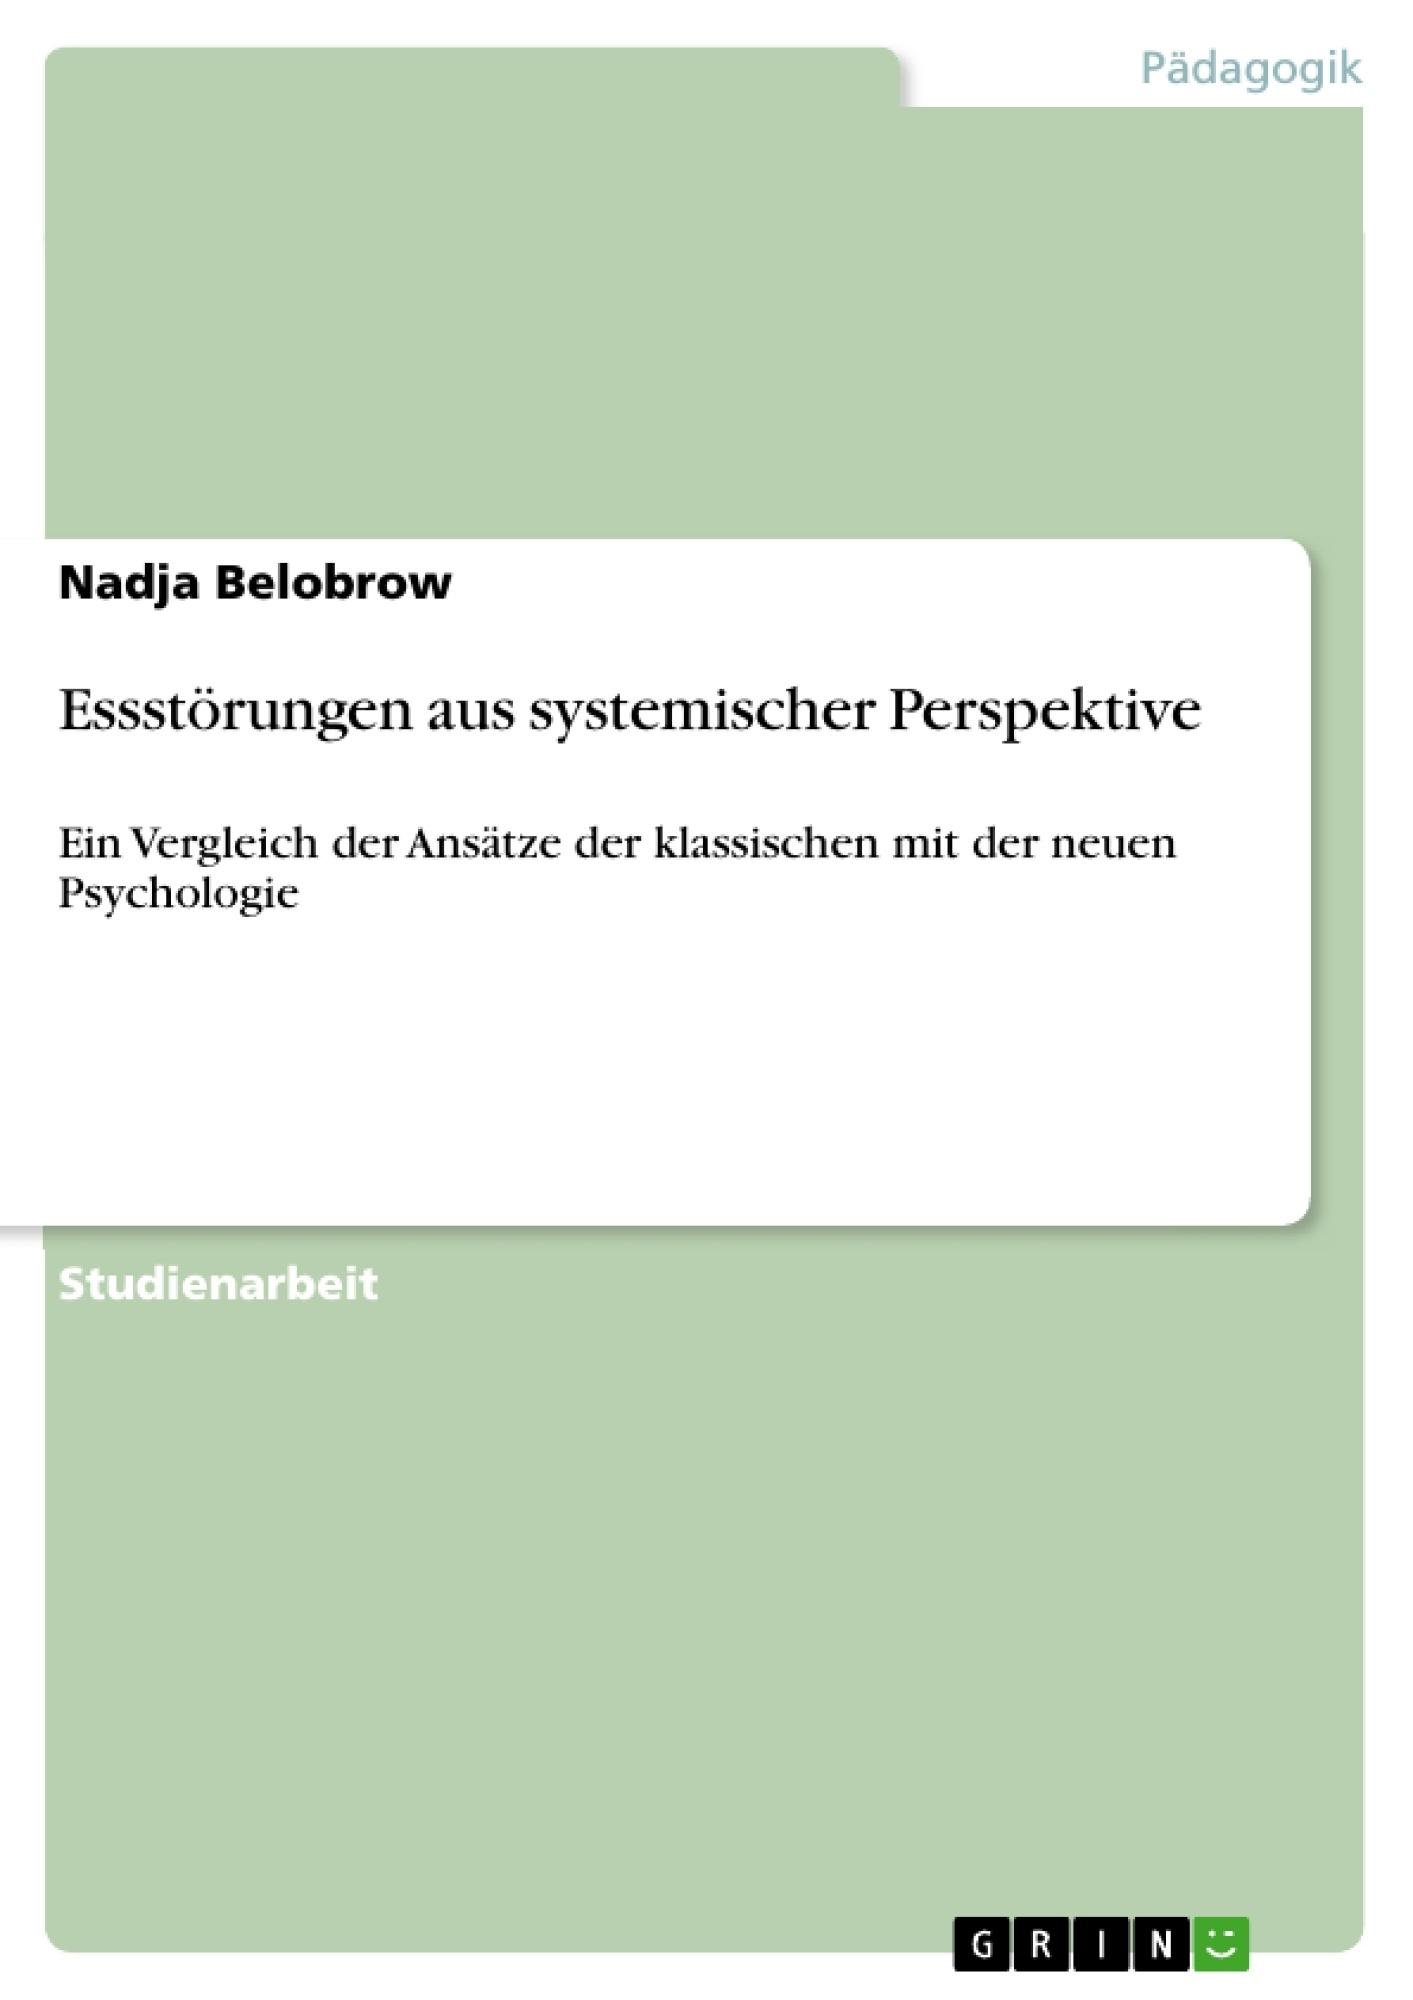 Titel: Essstörungen aus systemischer Perspektive